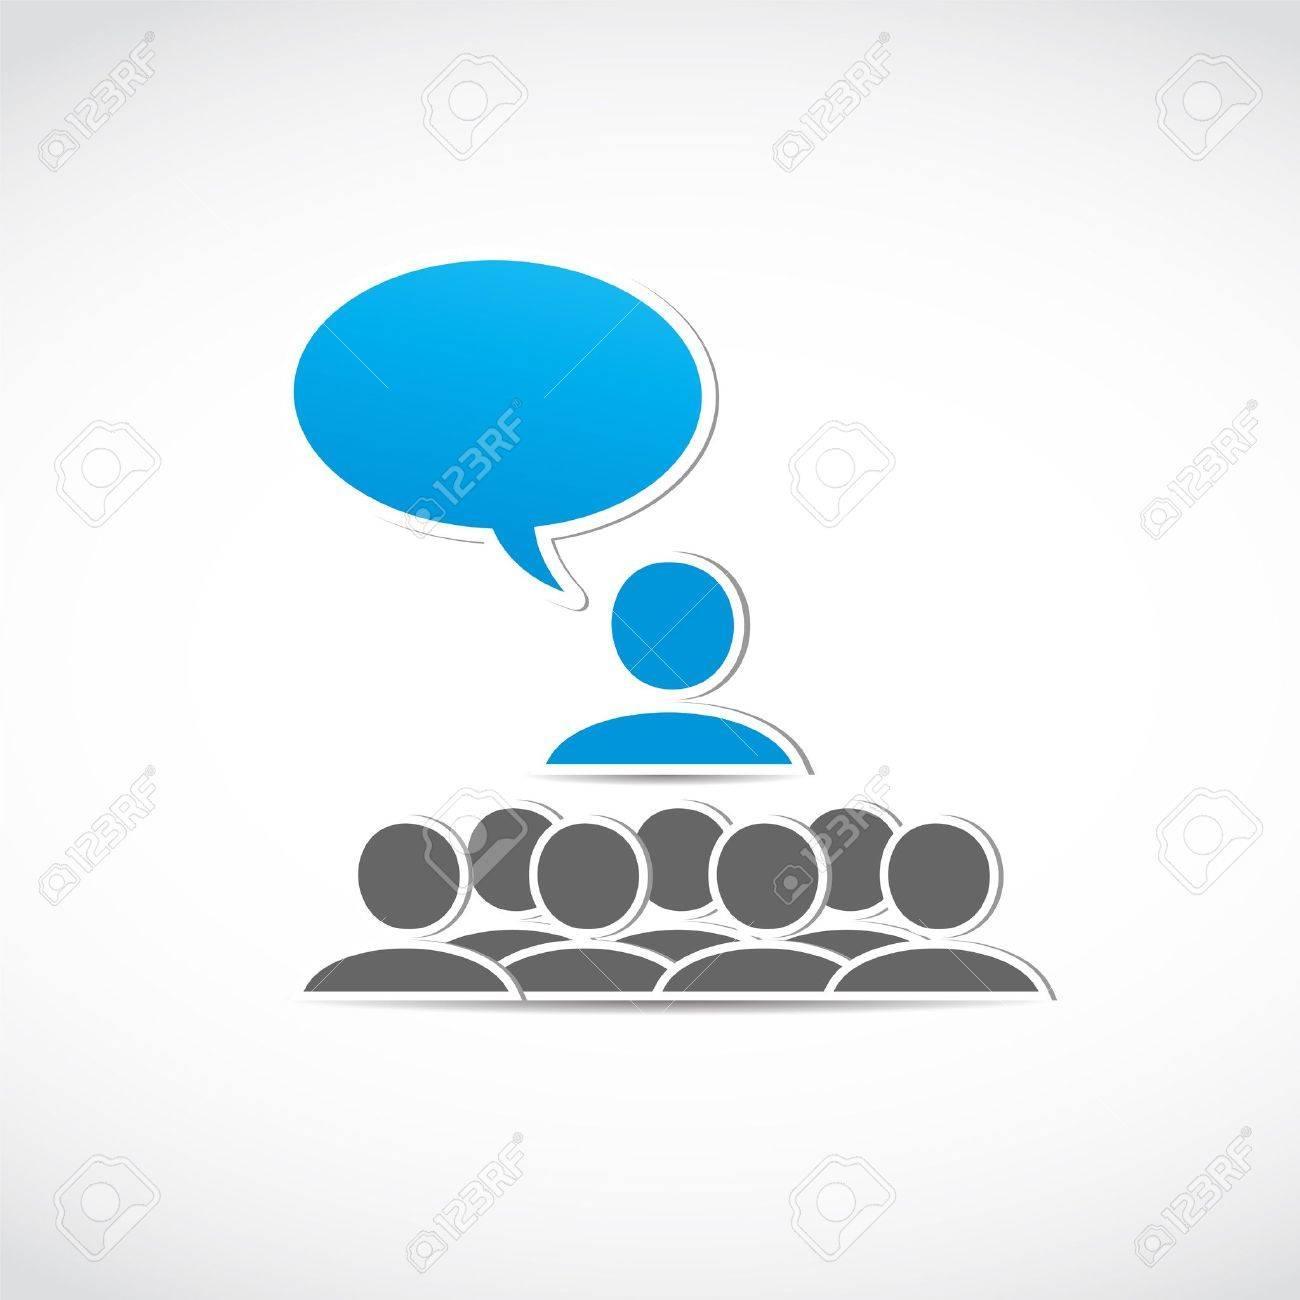 business seminar speech Stock Vector - 15600616